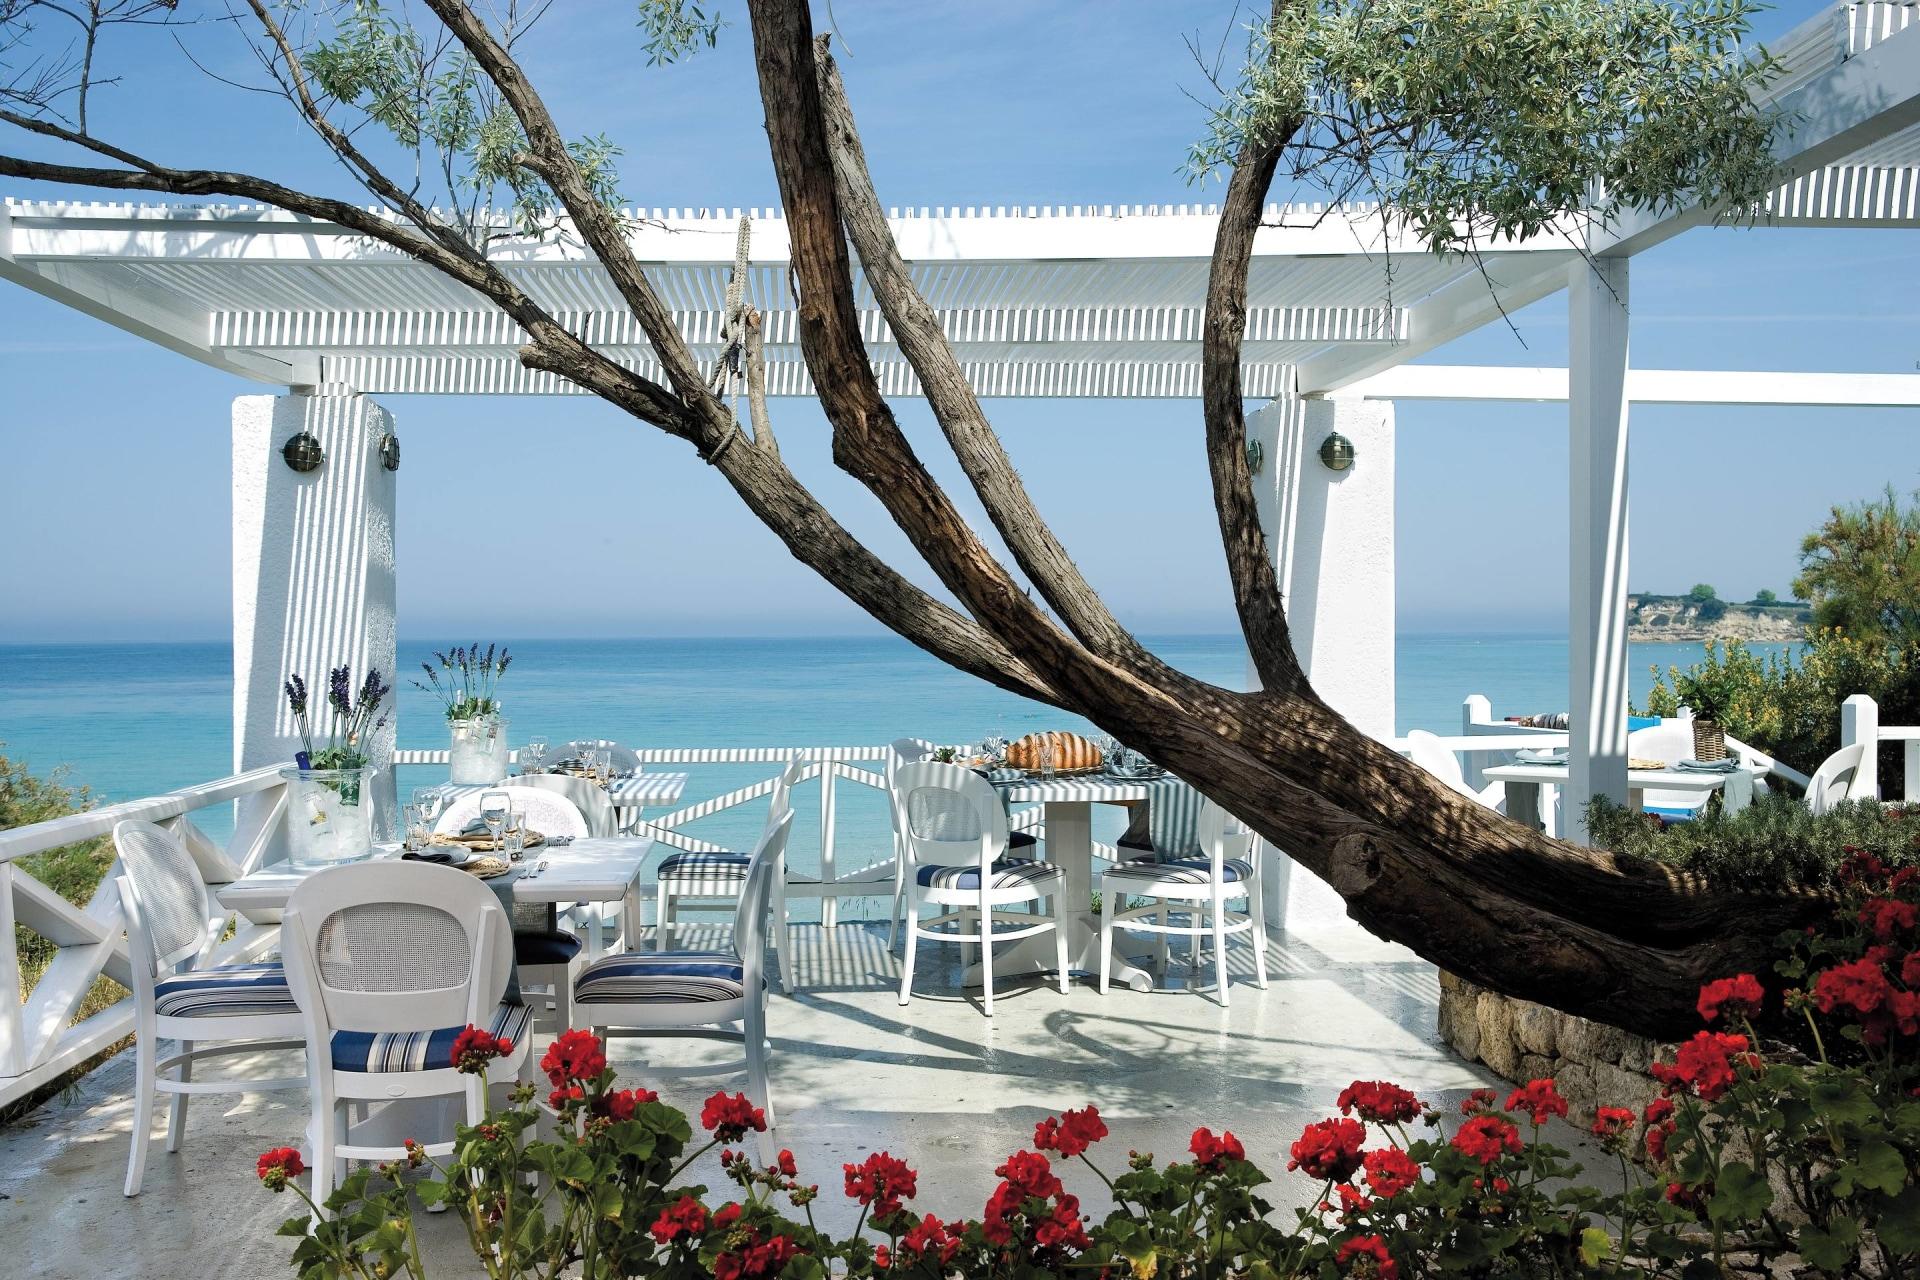 Außenansicht des Ouzeri Restaurants mit Aussicht auf das Meer